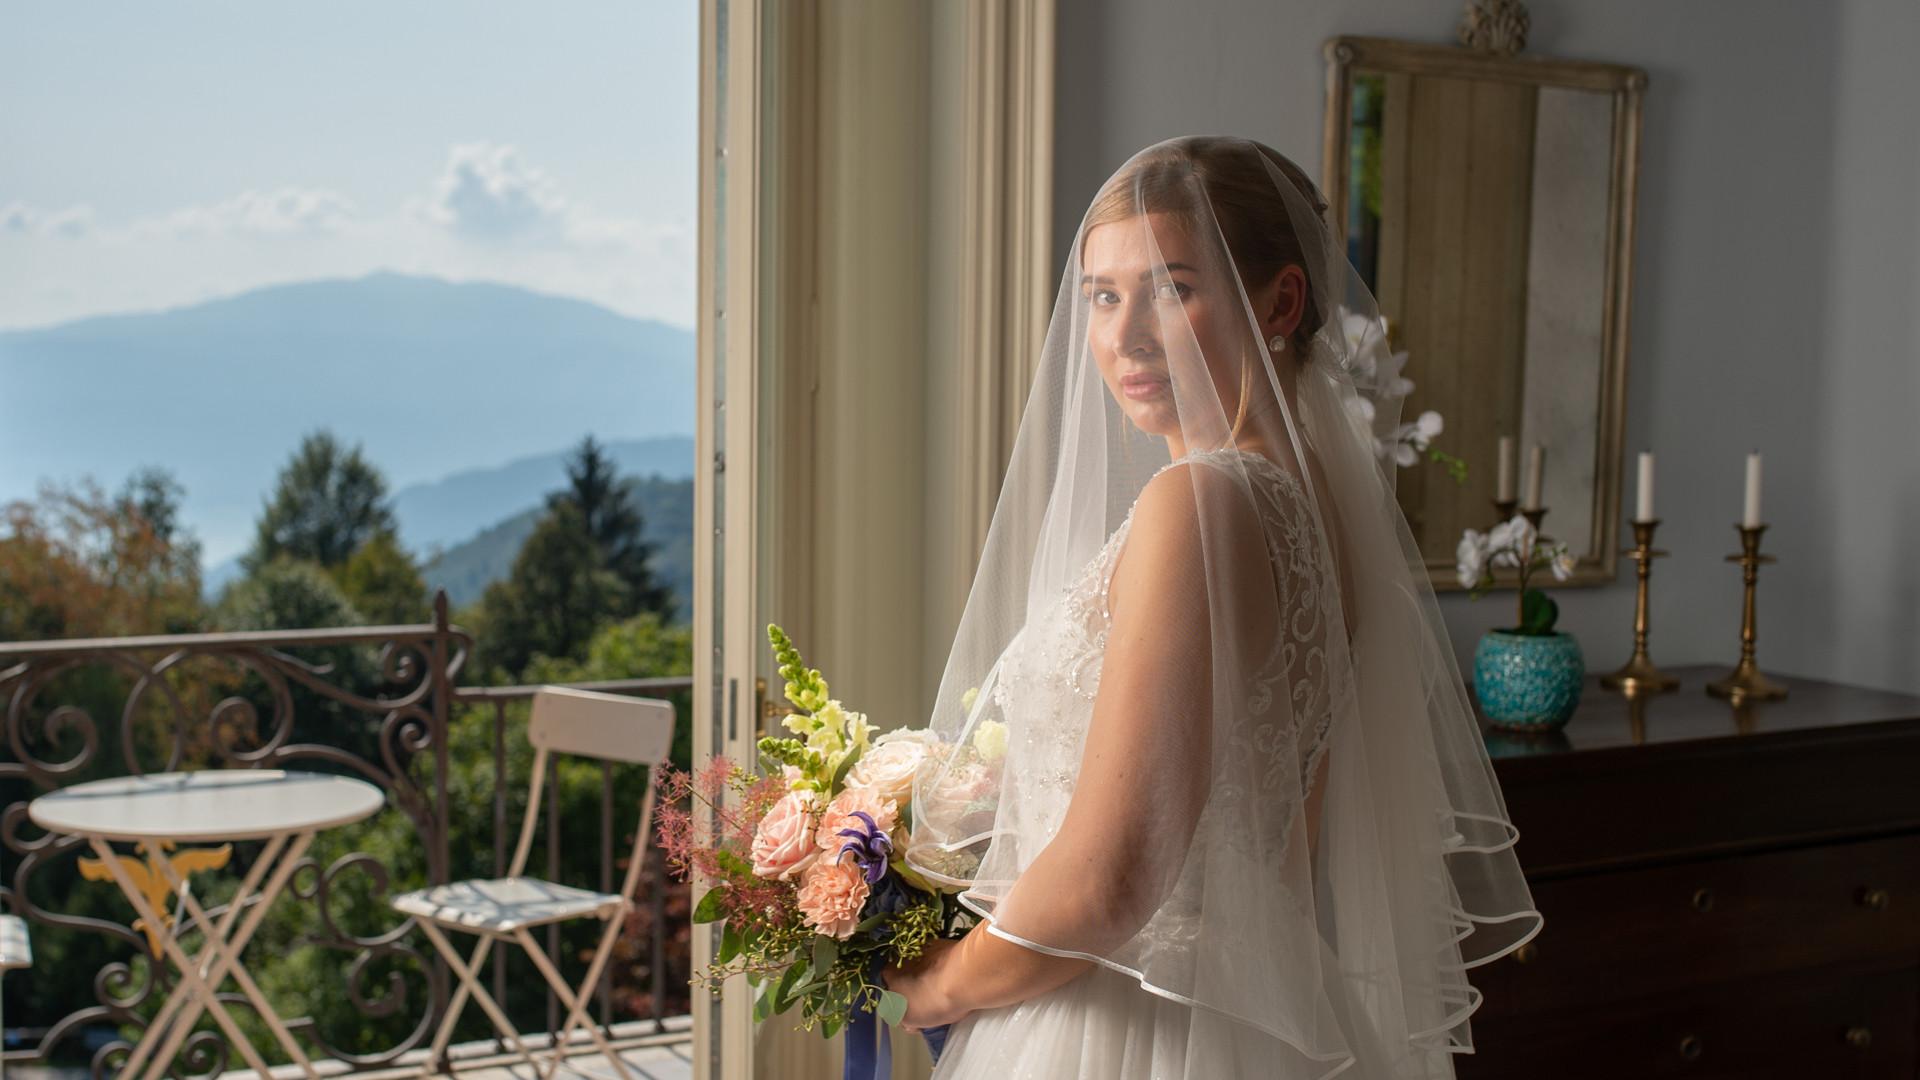 preparativi sposa in Villa Confalonieri terminati